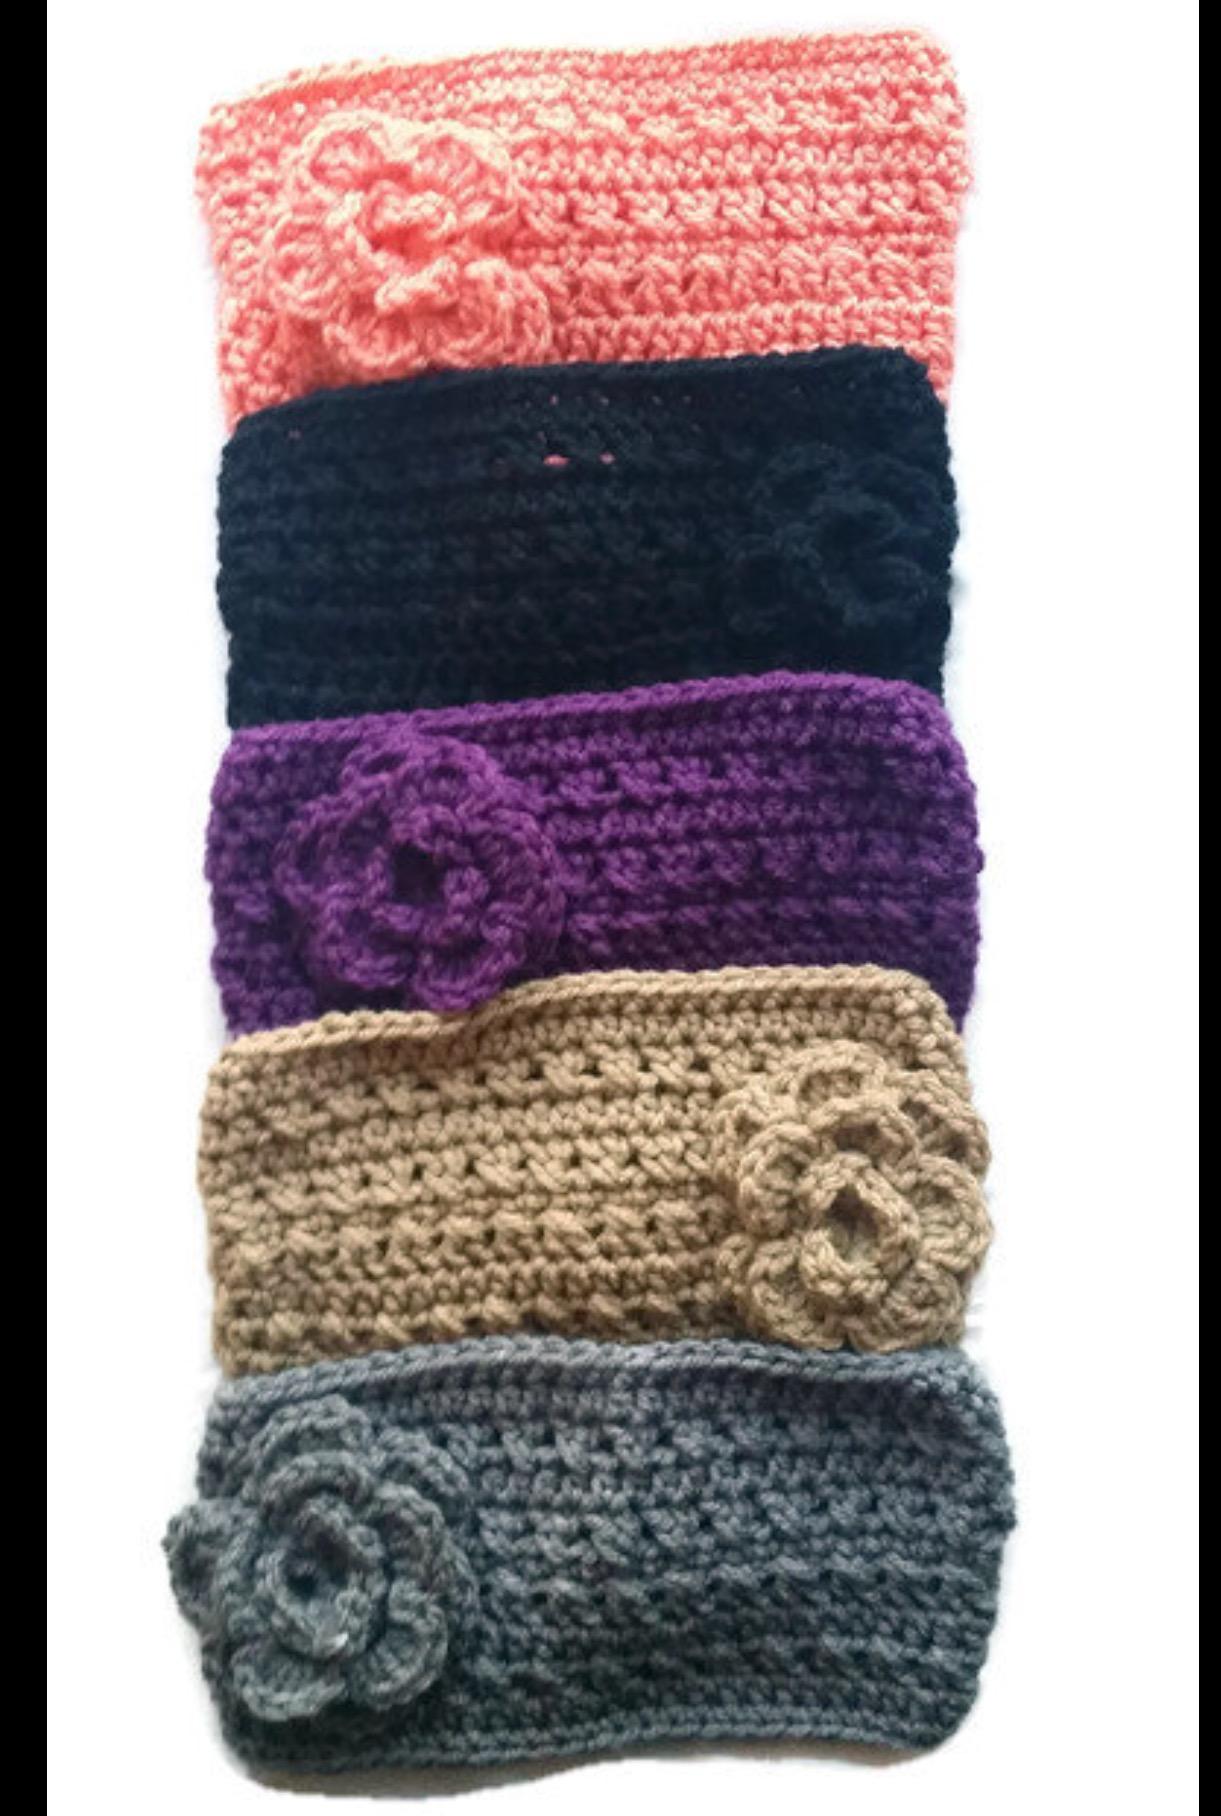 CORAL Crochet Headband Earwarmer – I Shop JW